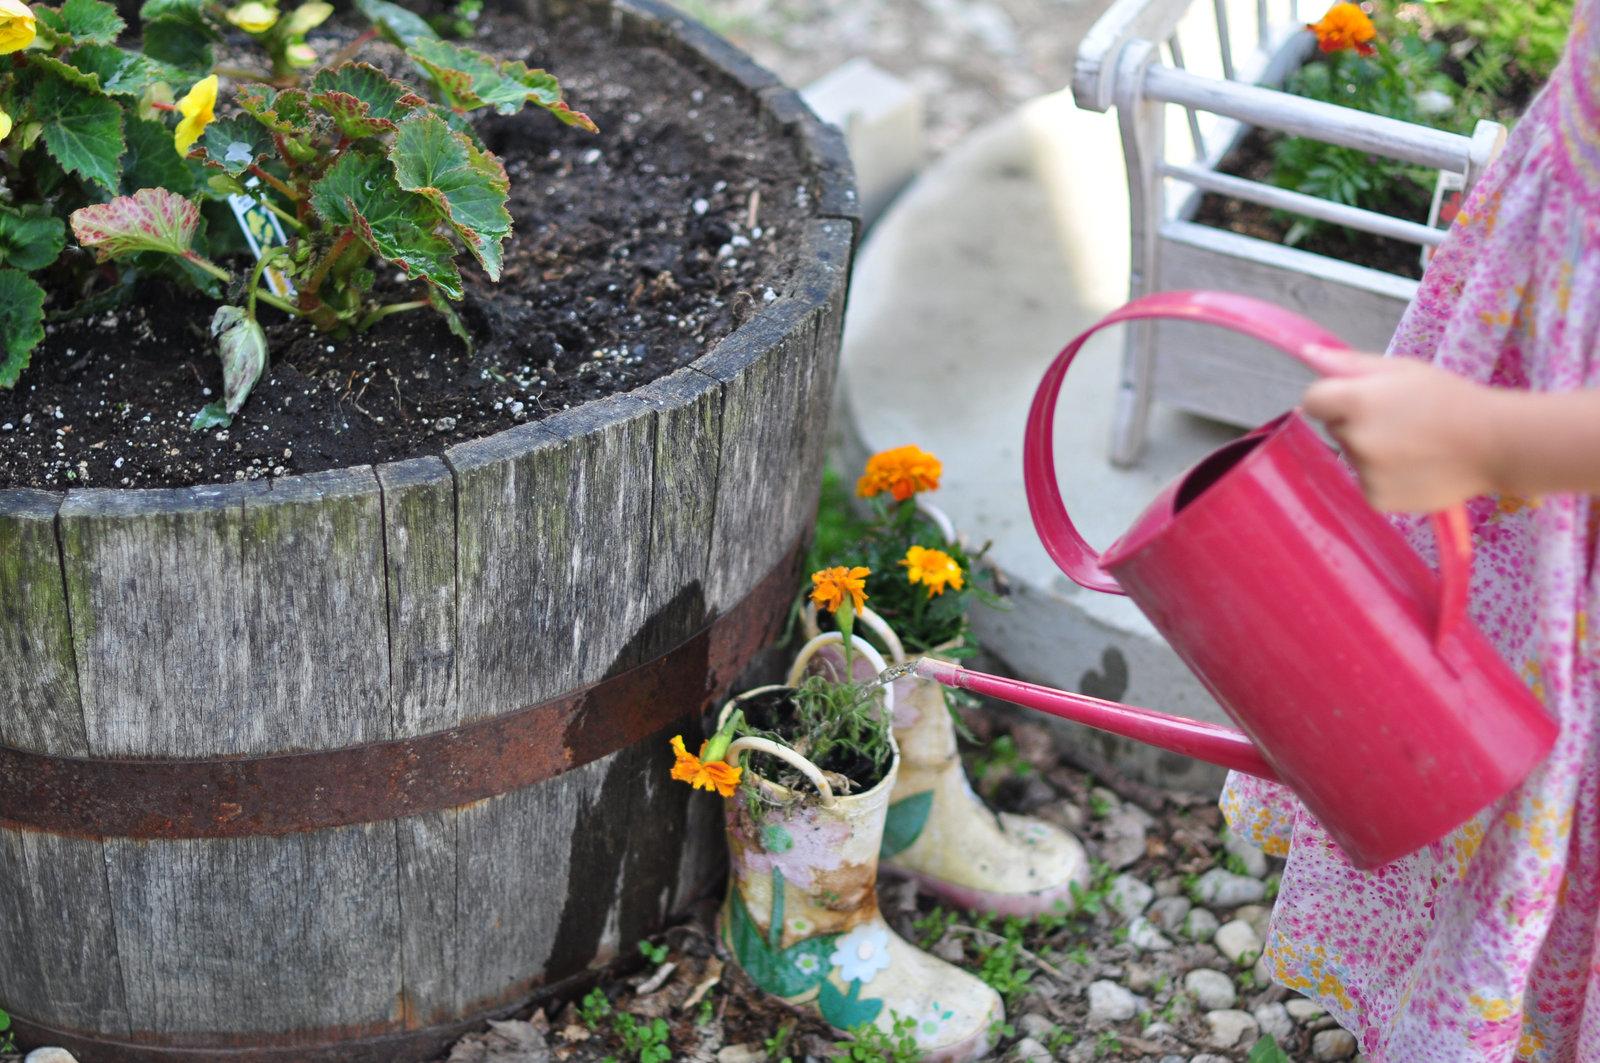 Watering a Garden little girl by Melissa E Earle Mee